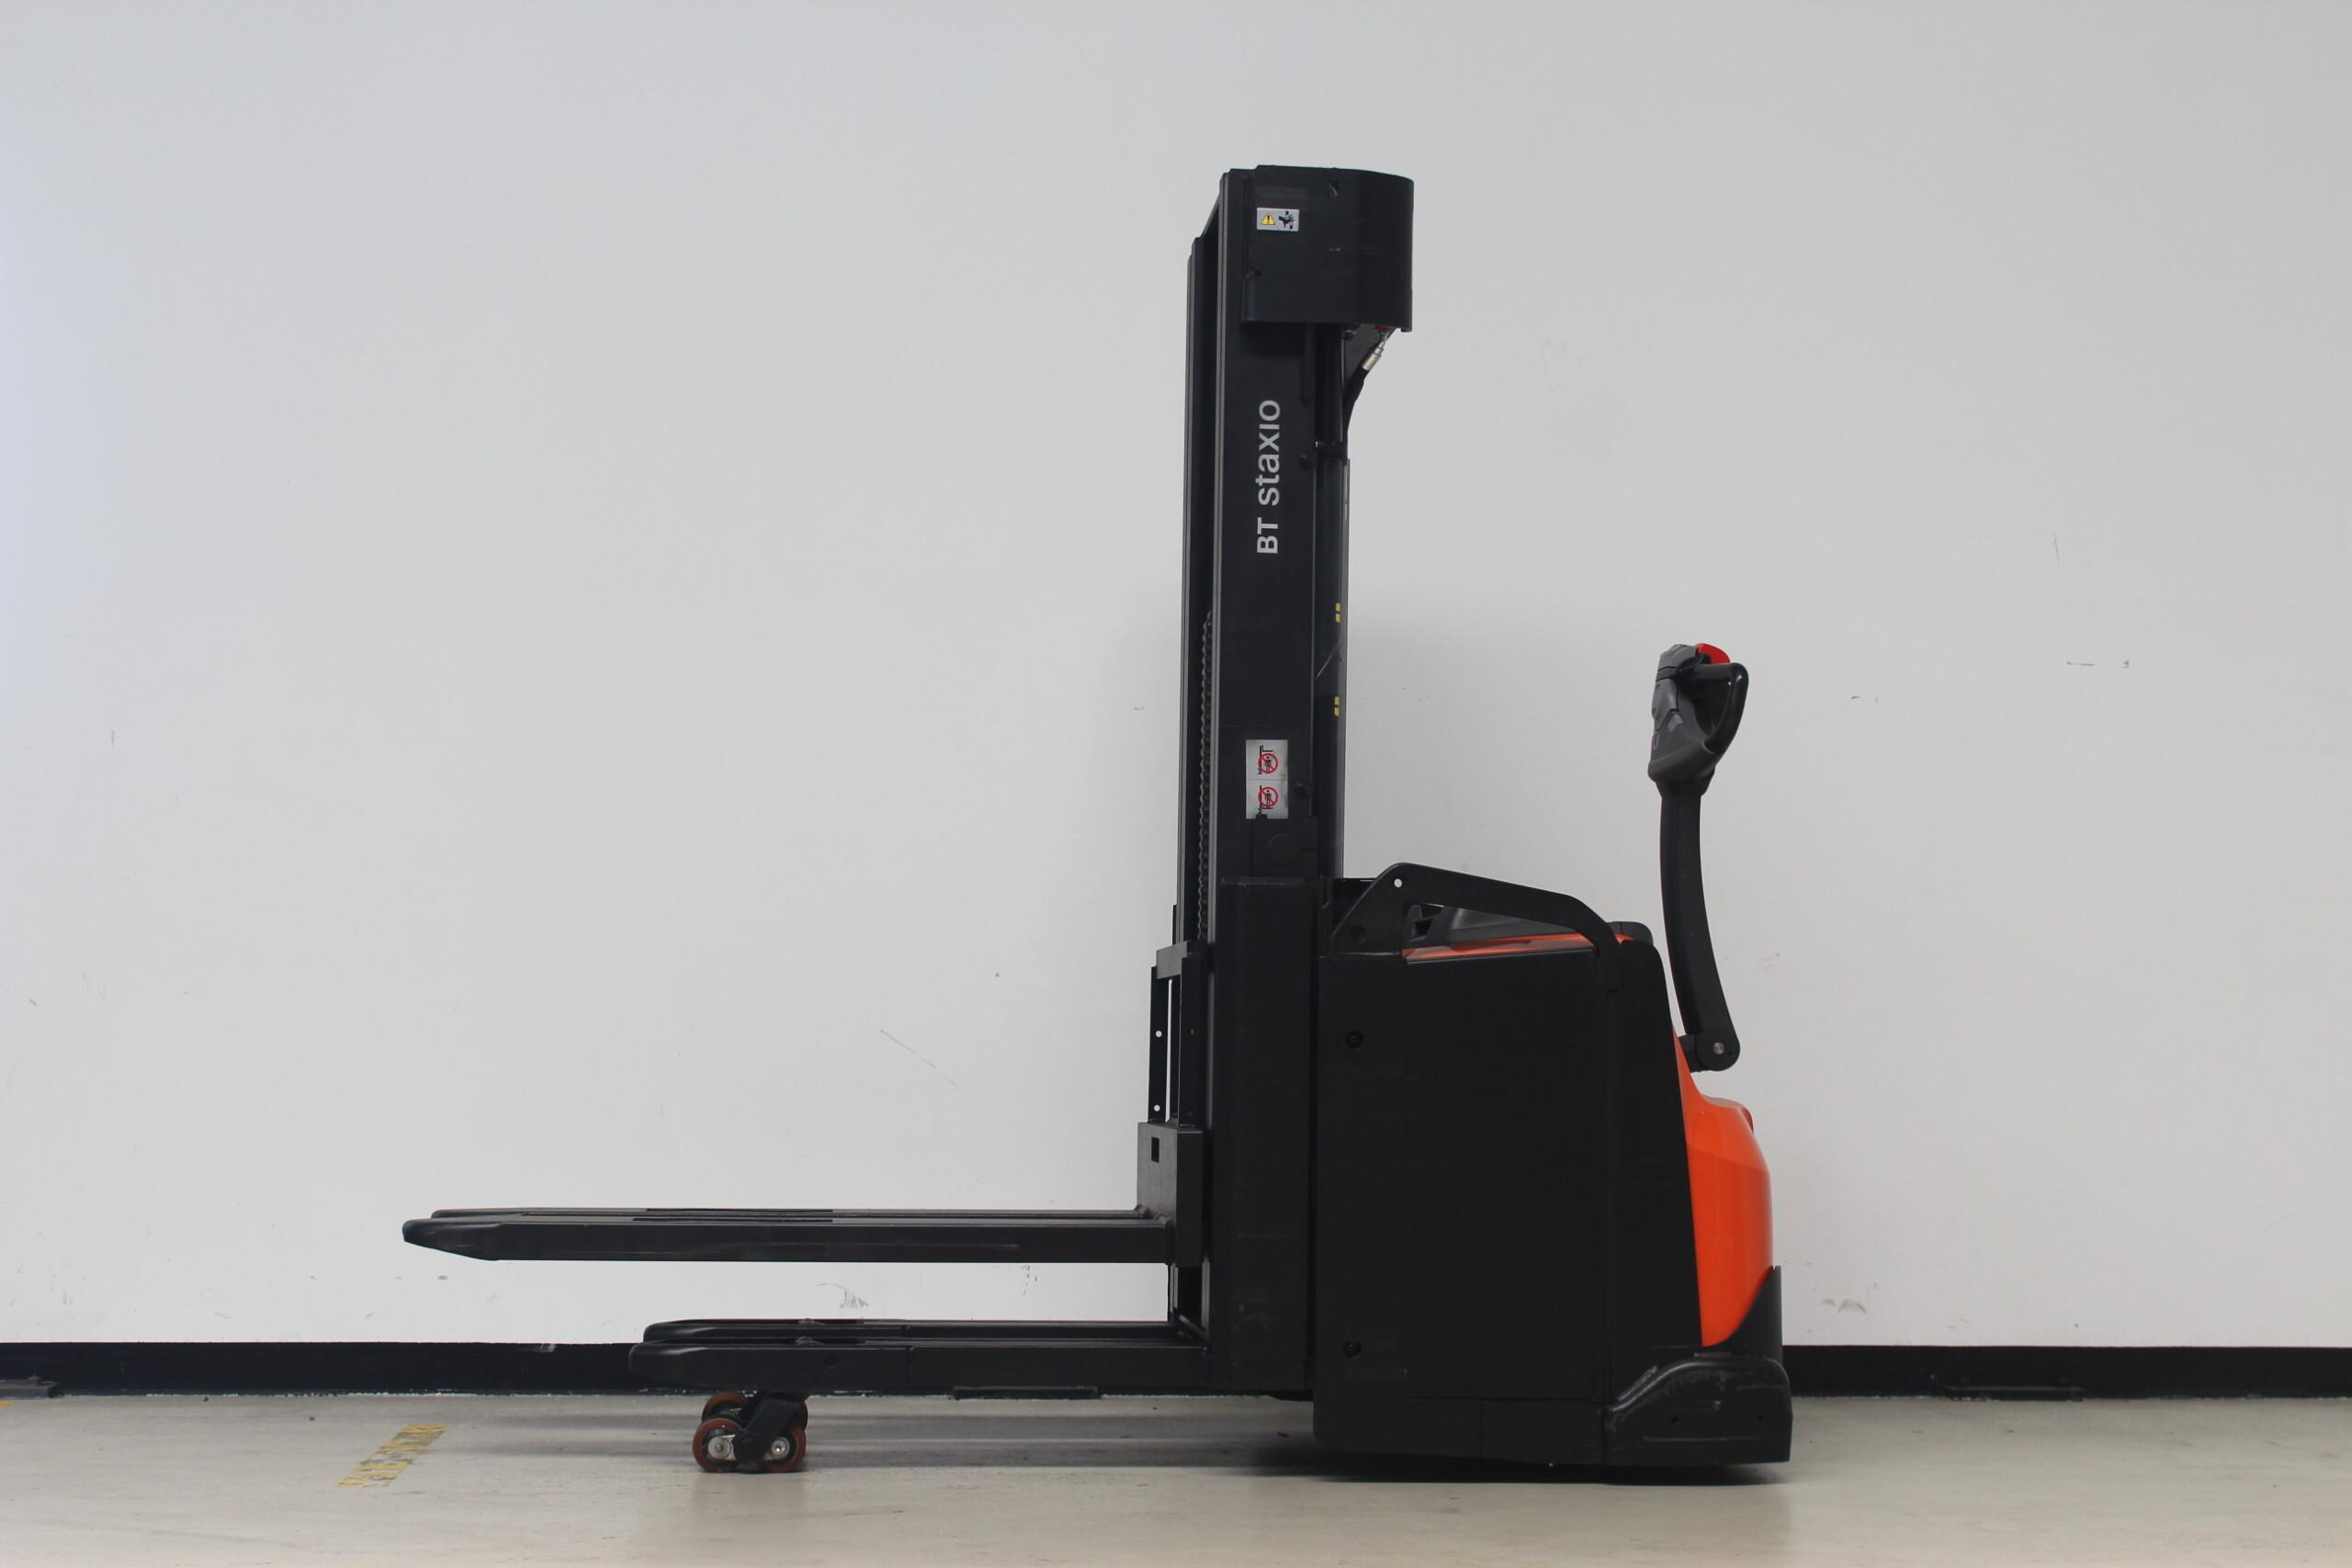 Toyota-Gabelstapler-59840 1706008763 1 36 scaled